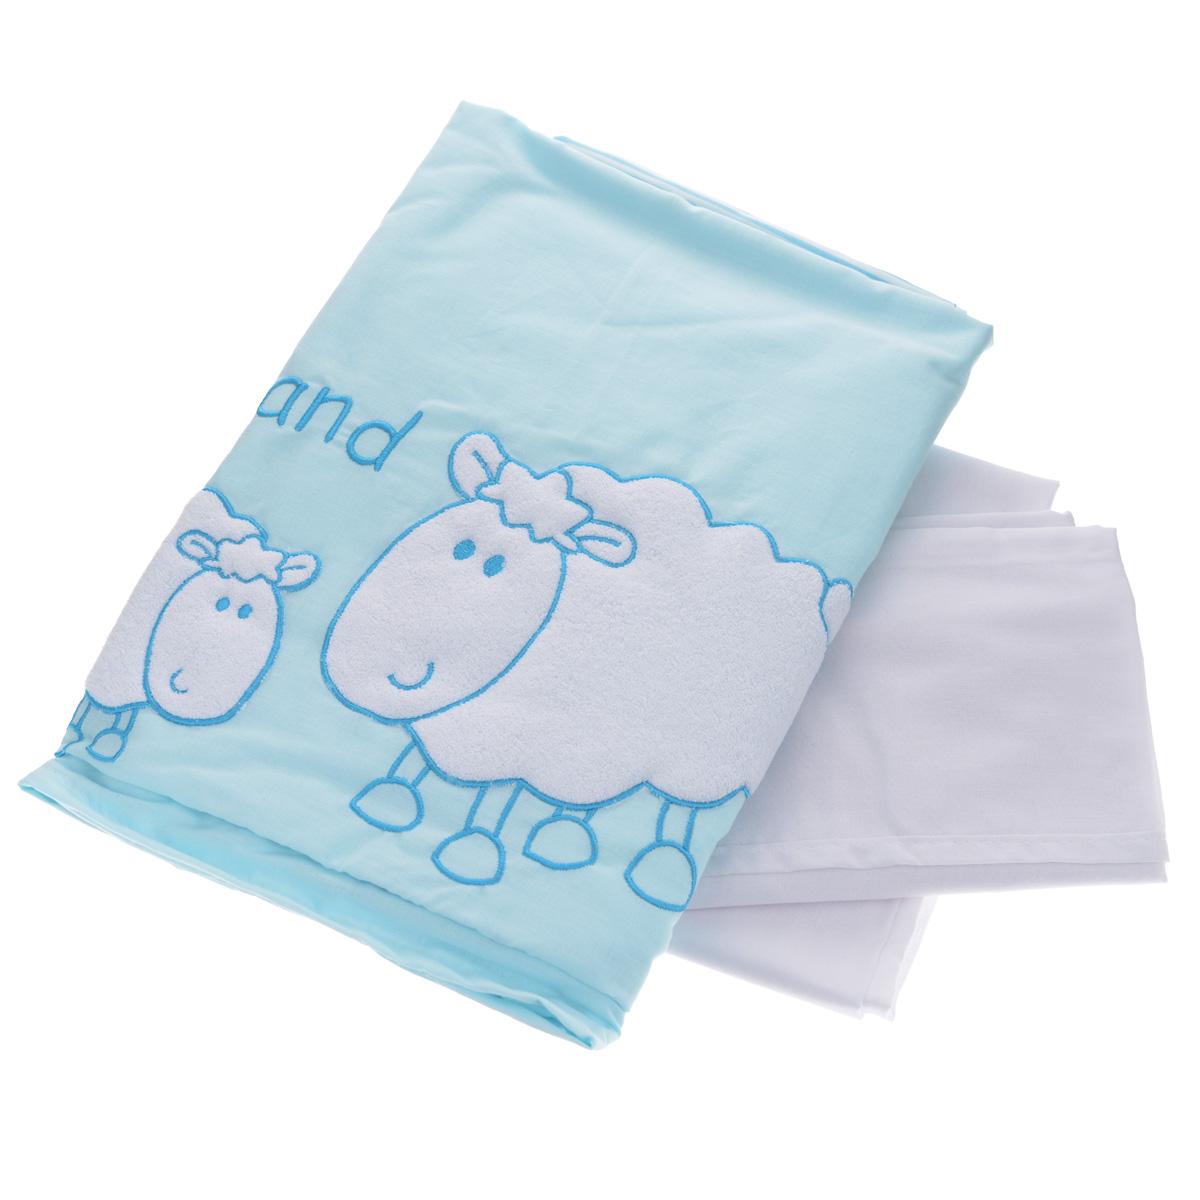 Комплект детского постельного белья Fairy Белые кудряшки, цвет: голубой, 3 предмета fairy комплект белья для новорожденных белые кудряшки цвет белый зеленый 7 предметов